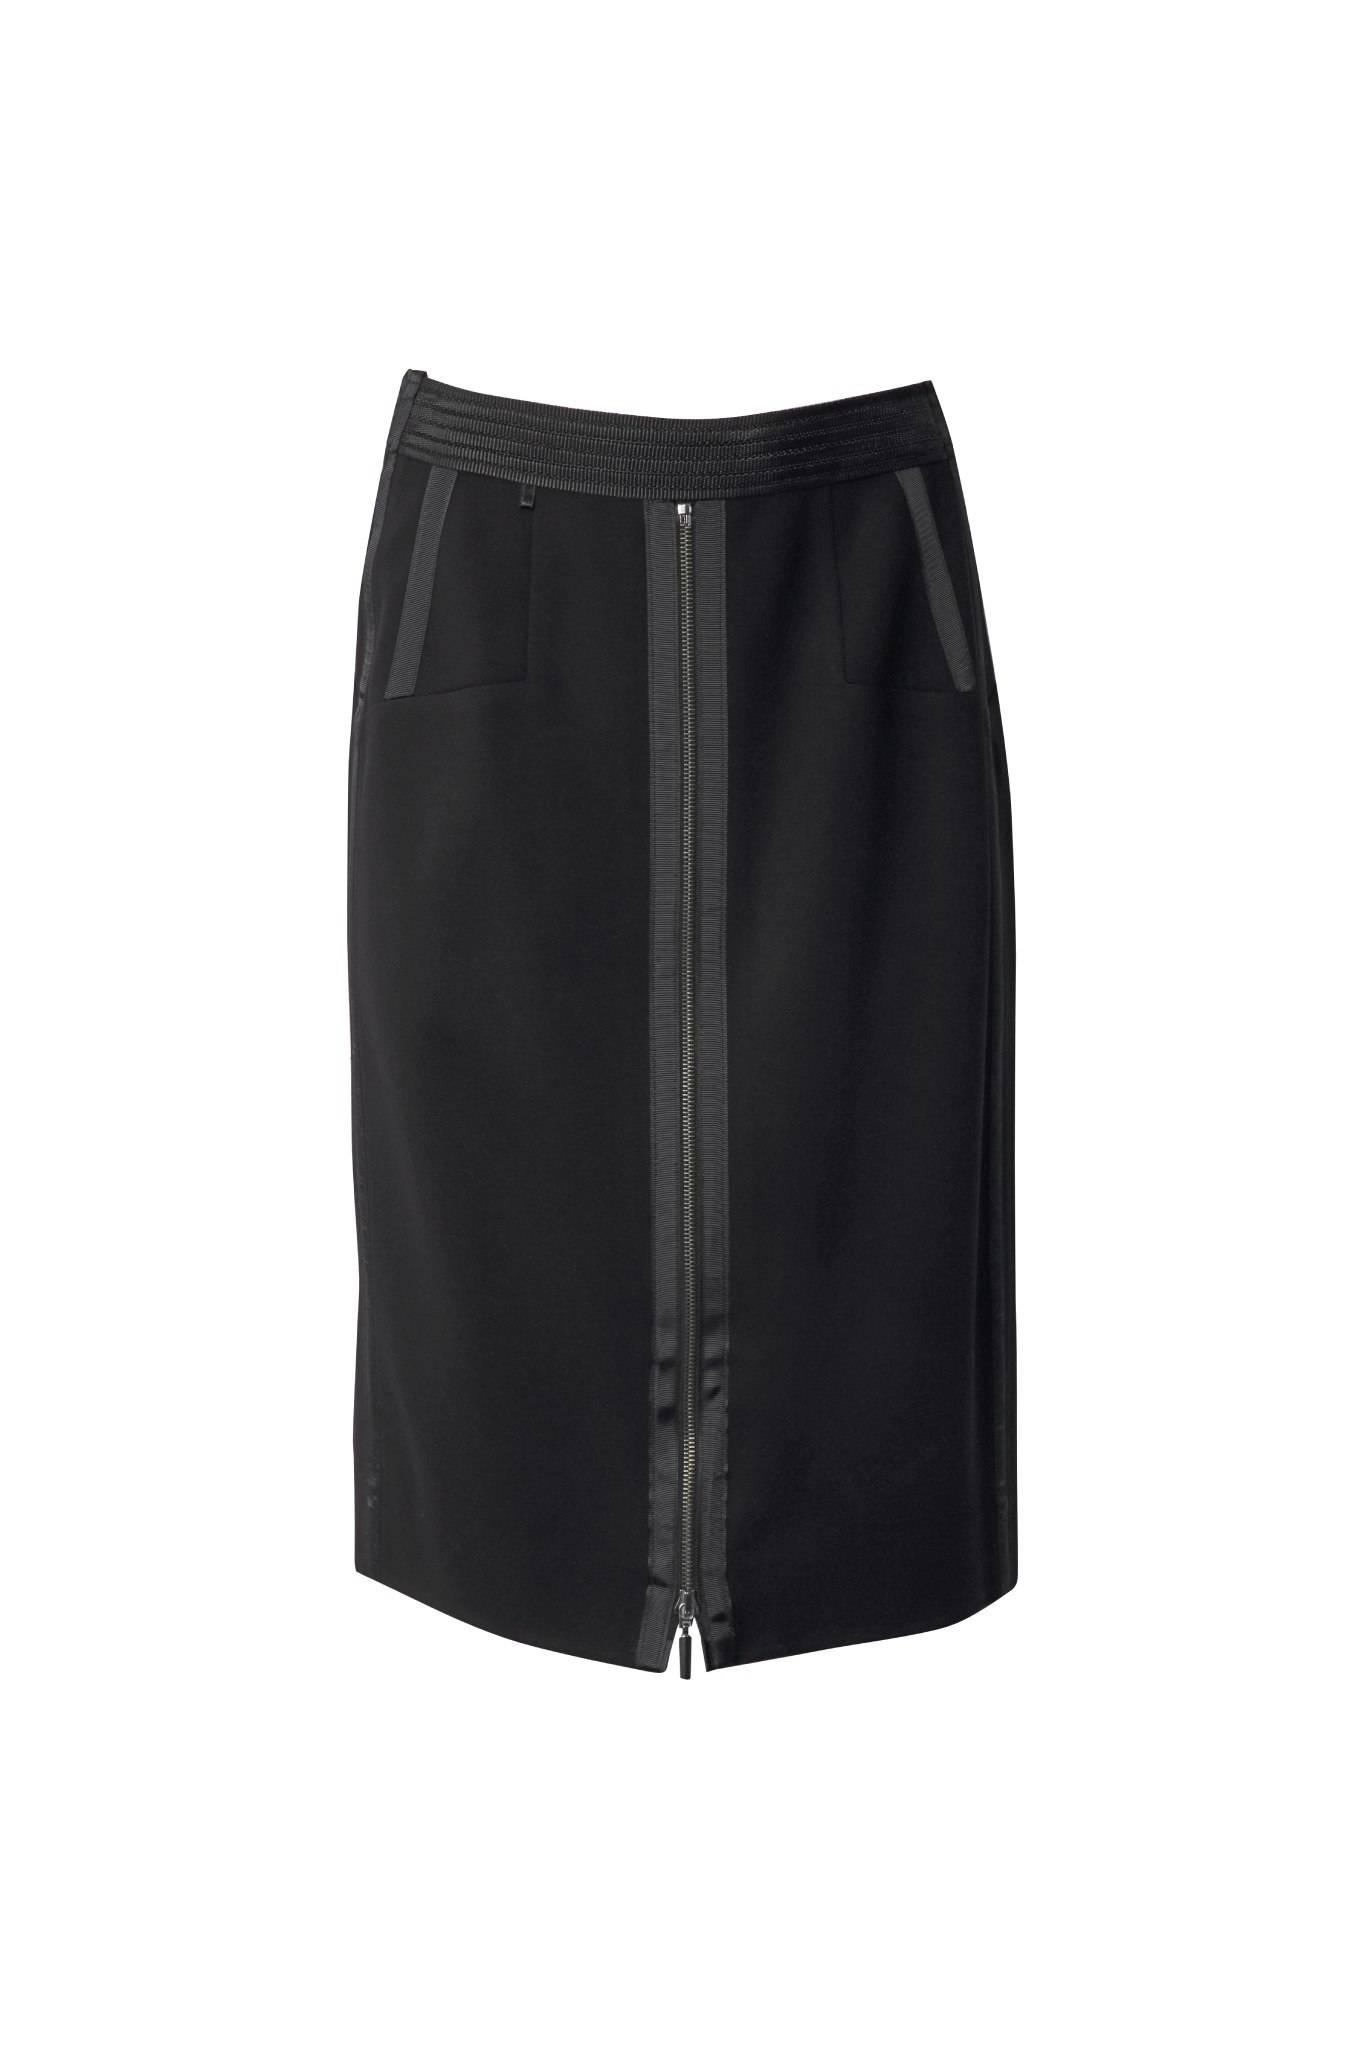 645 Jumitex czarna sportowa spodnica przod